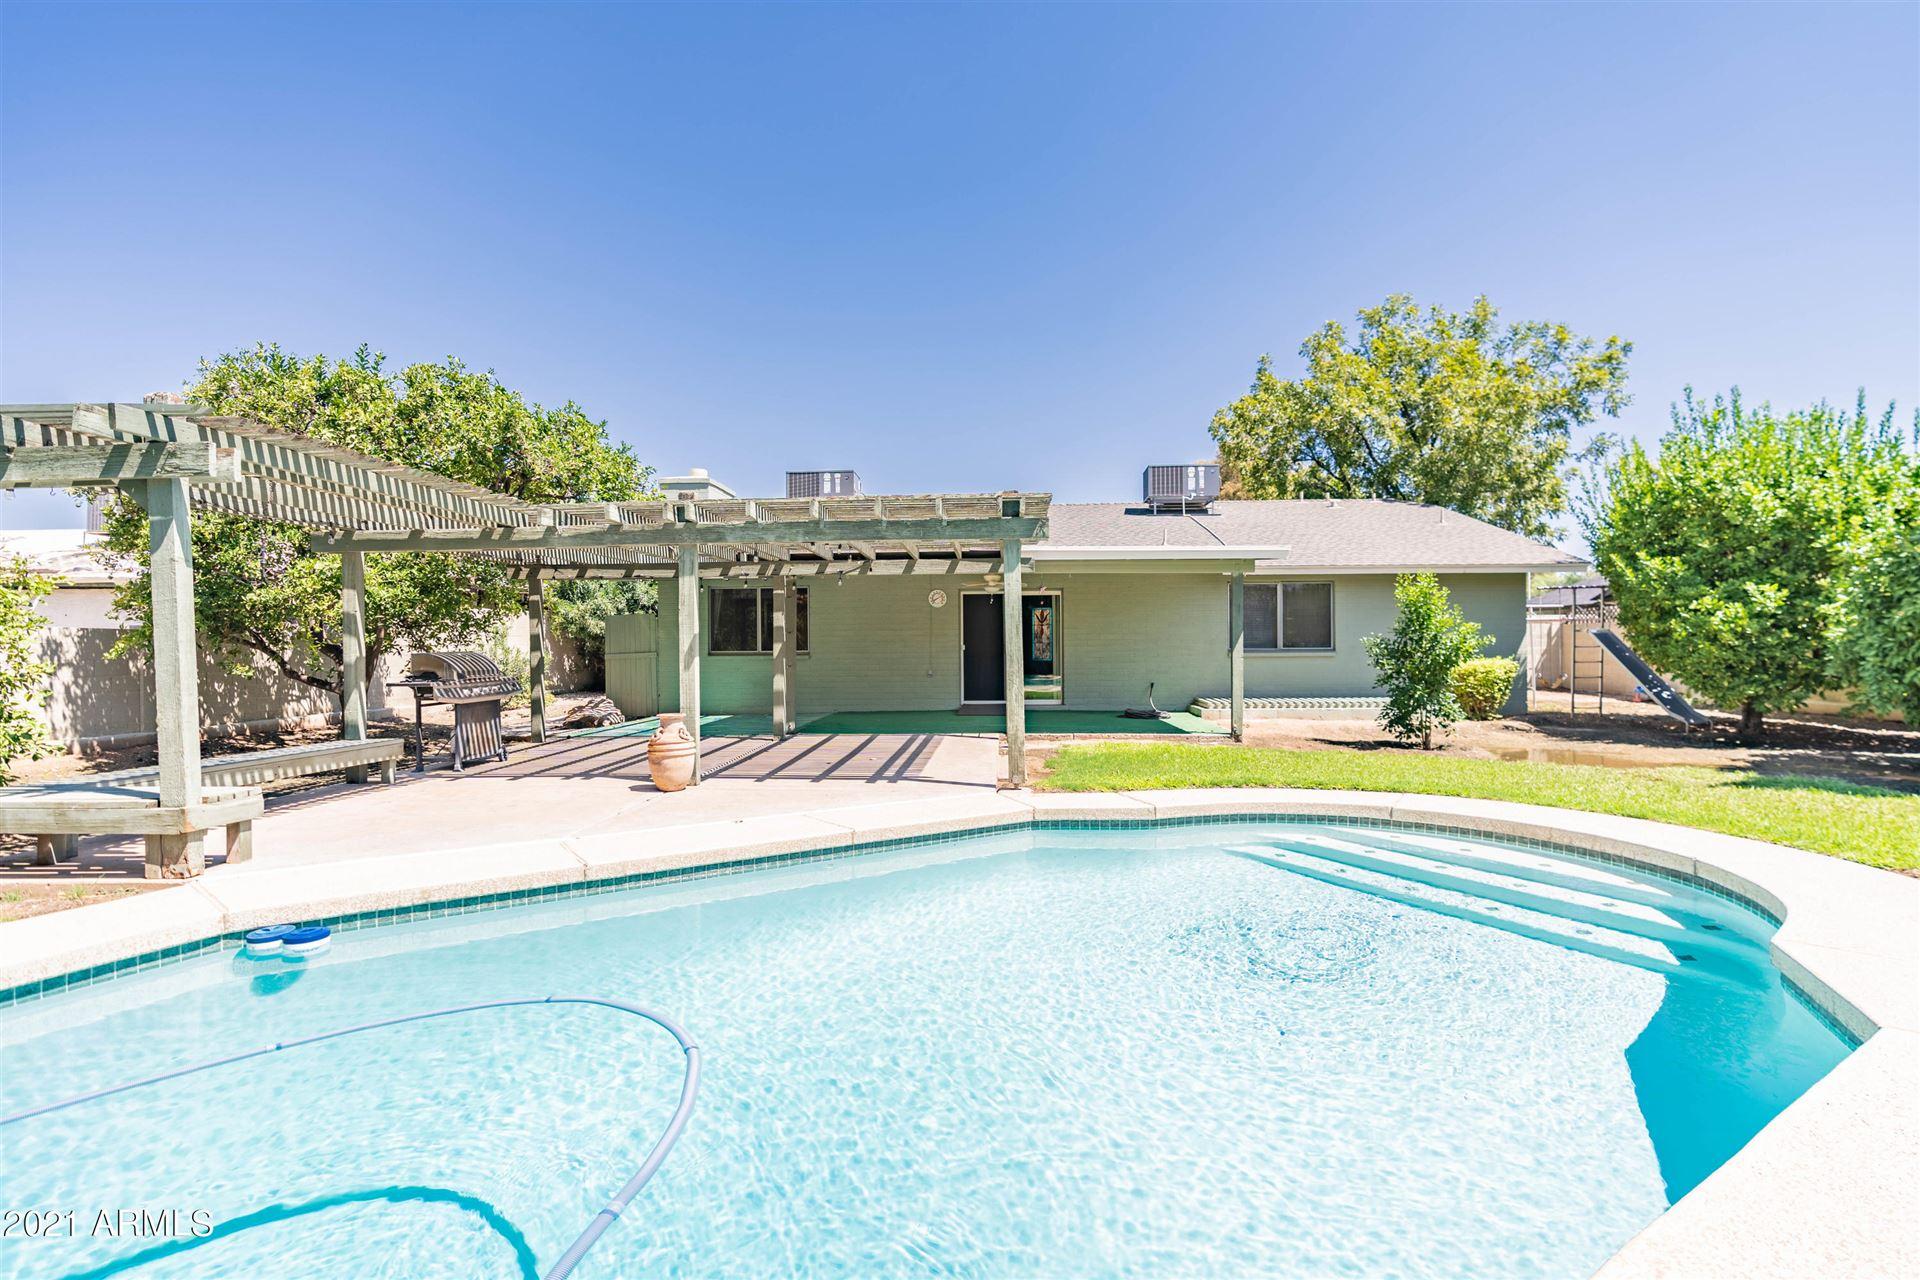 33 E PALO VERDE Street, Gilbert, AZ 85296 - MLS#: 6270901